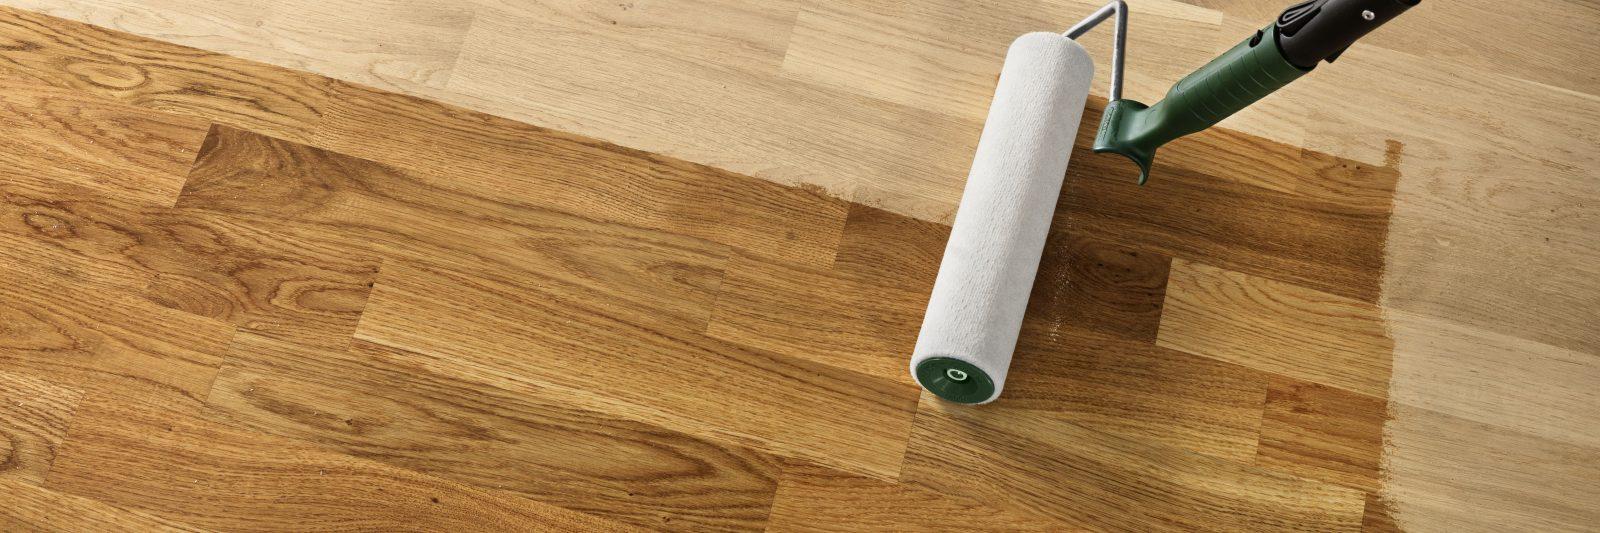 Renovación y limpieza de suelos de madera